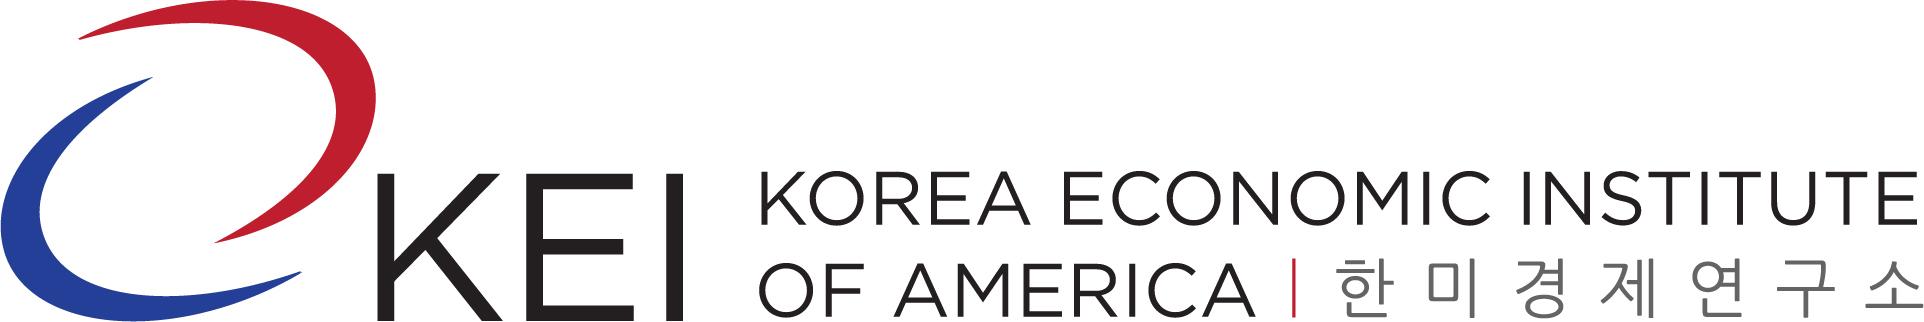 KEIA Logo